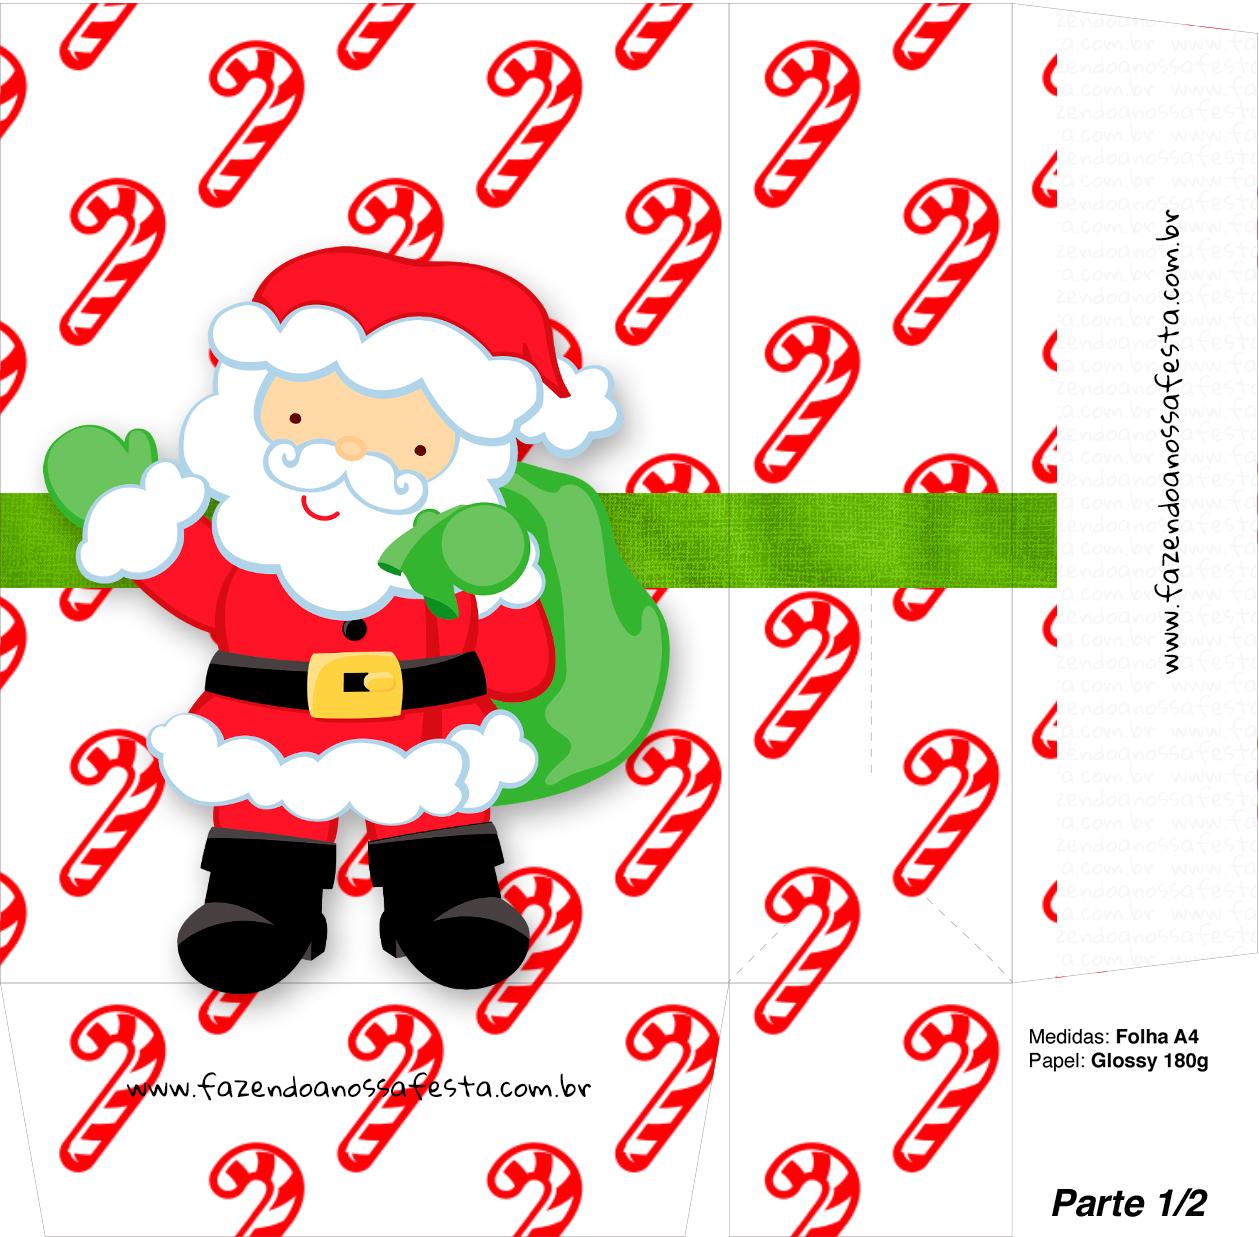 Sacolinha Natal Hohoho A4 - Parte 1